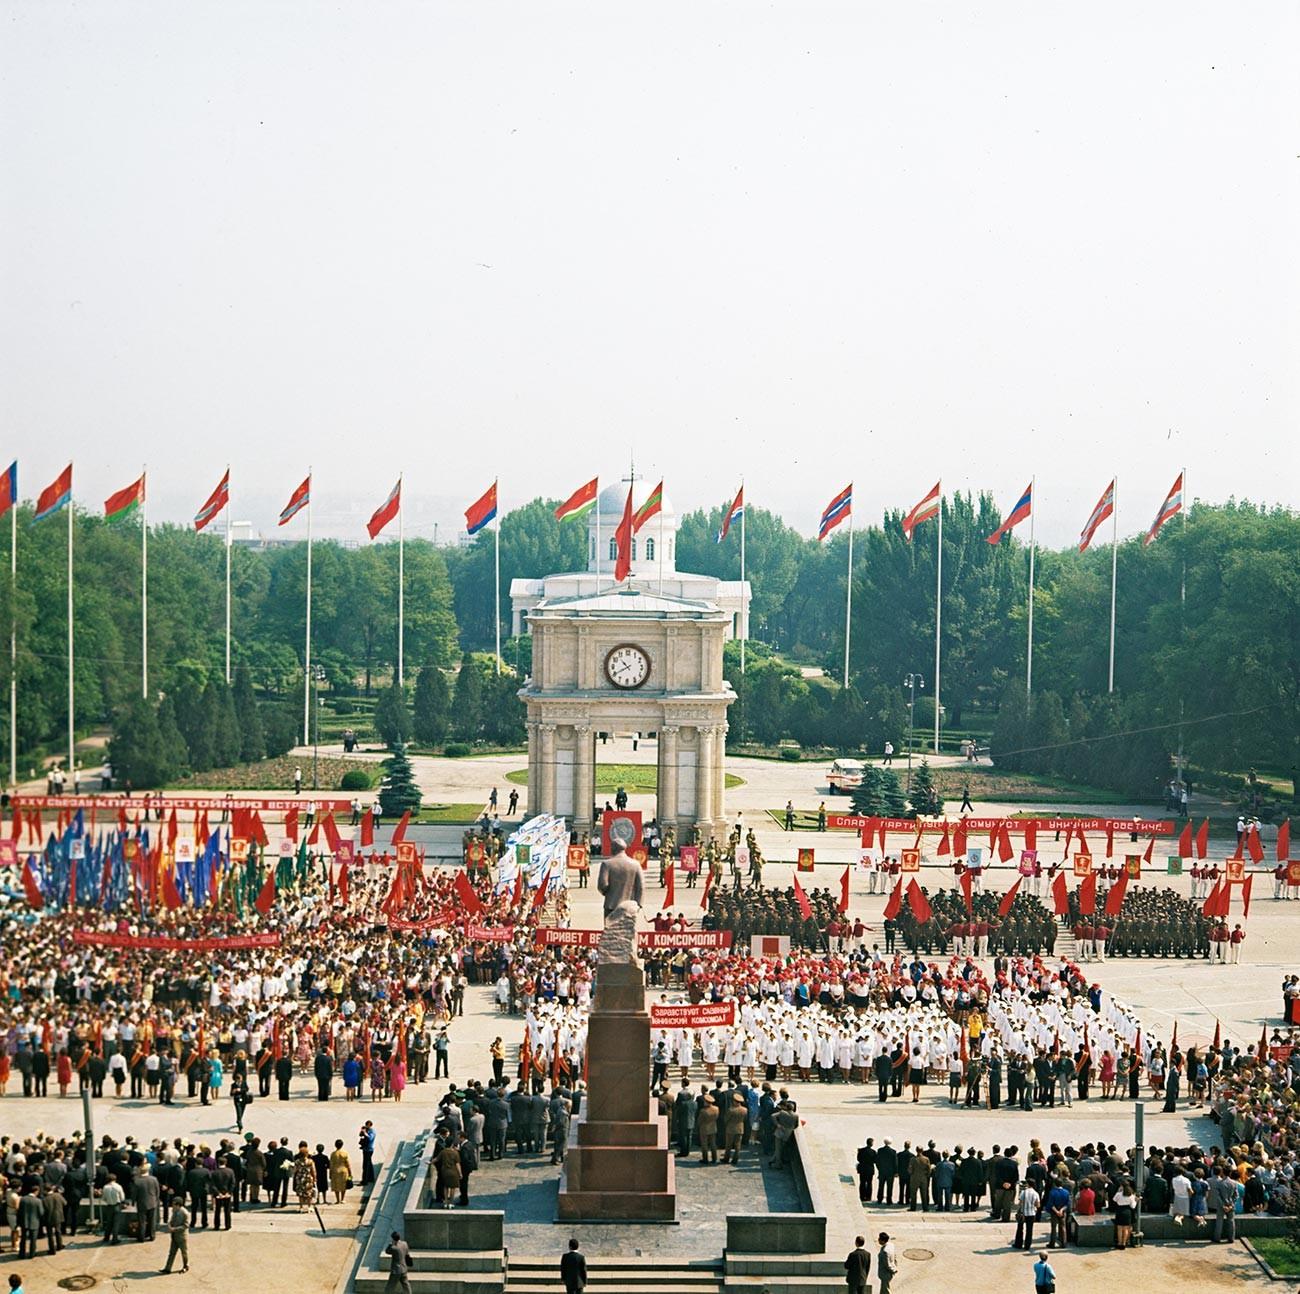 Празднование Дня Победы на площади Победы в Кишиневе, 1976